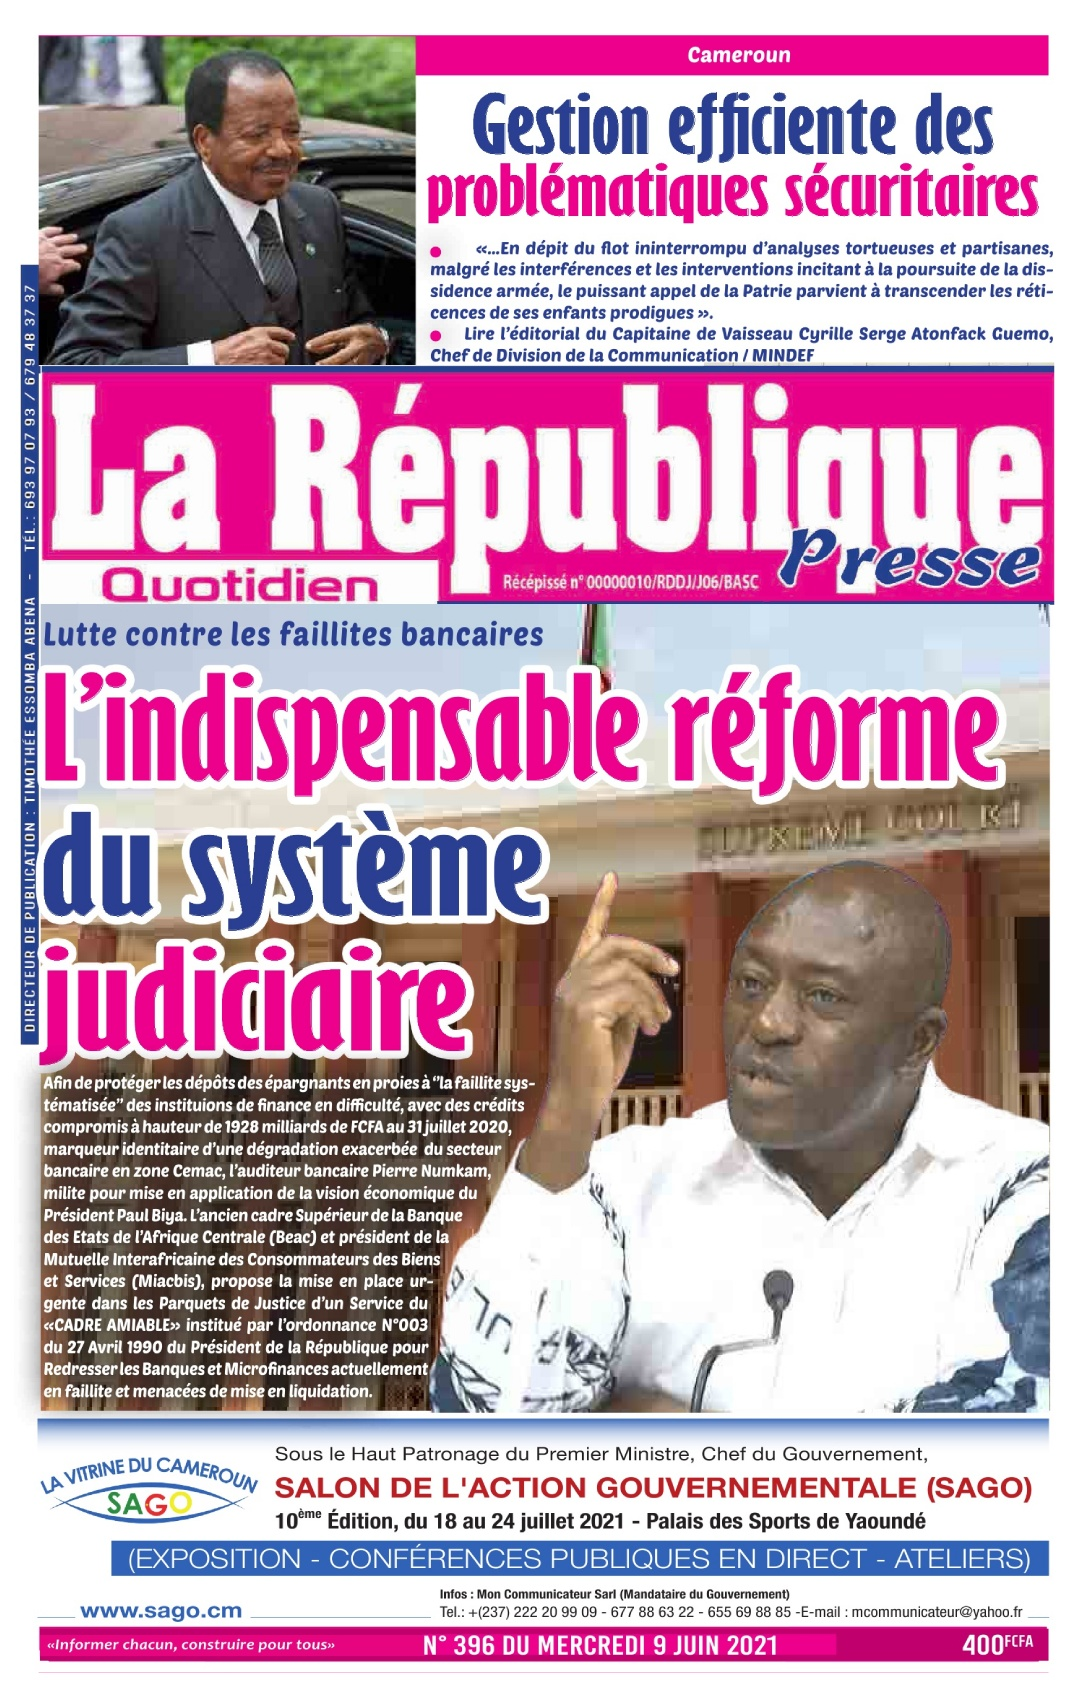 LA REPUBLIQUE PRESSE - 09/06/2021